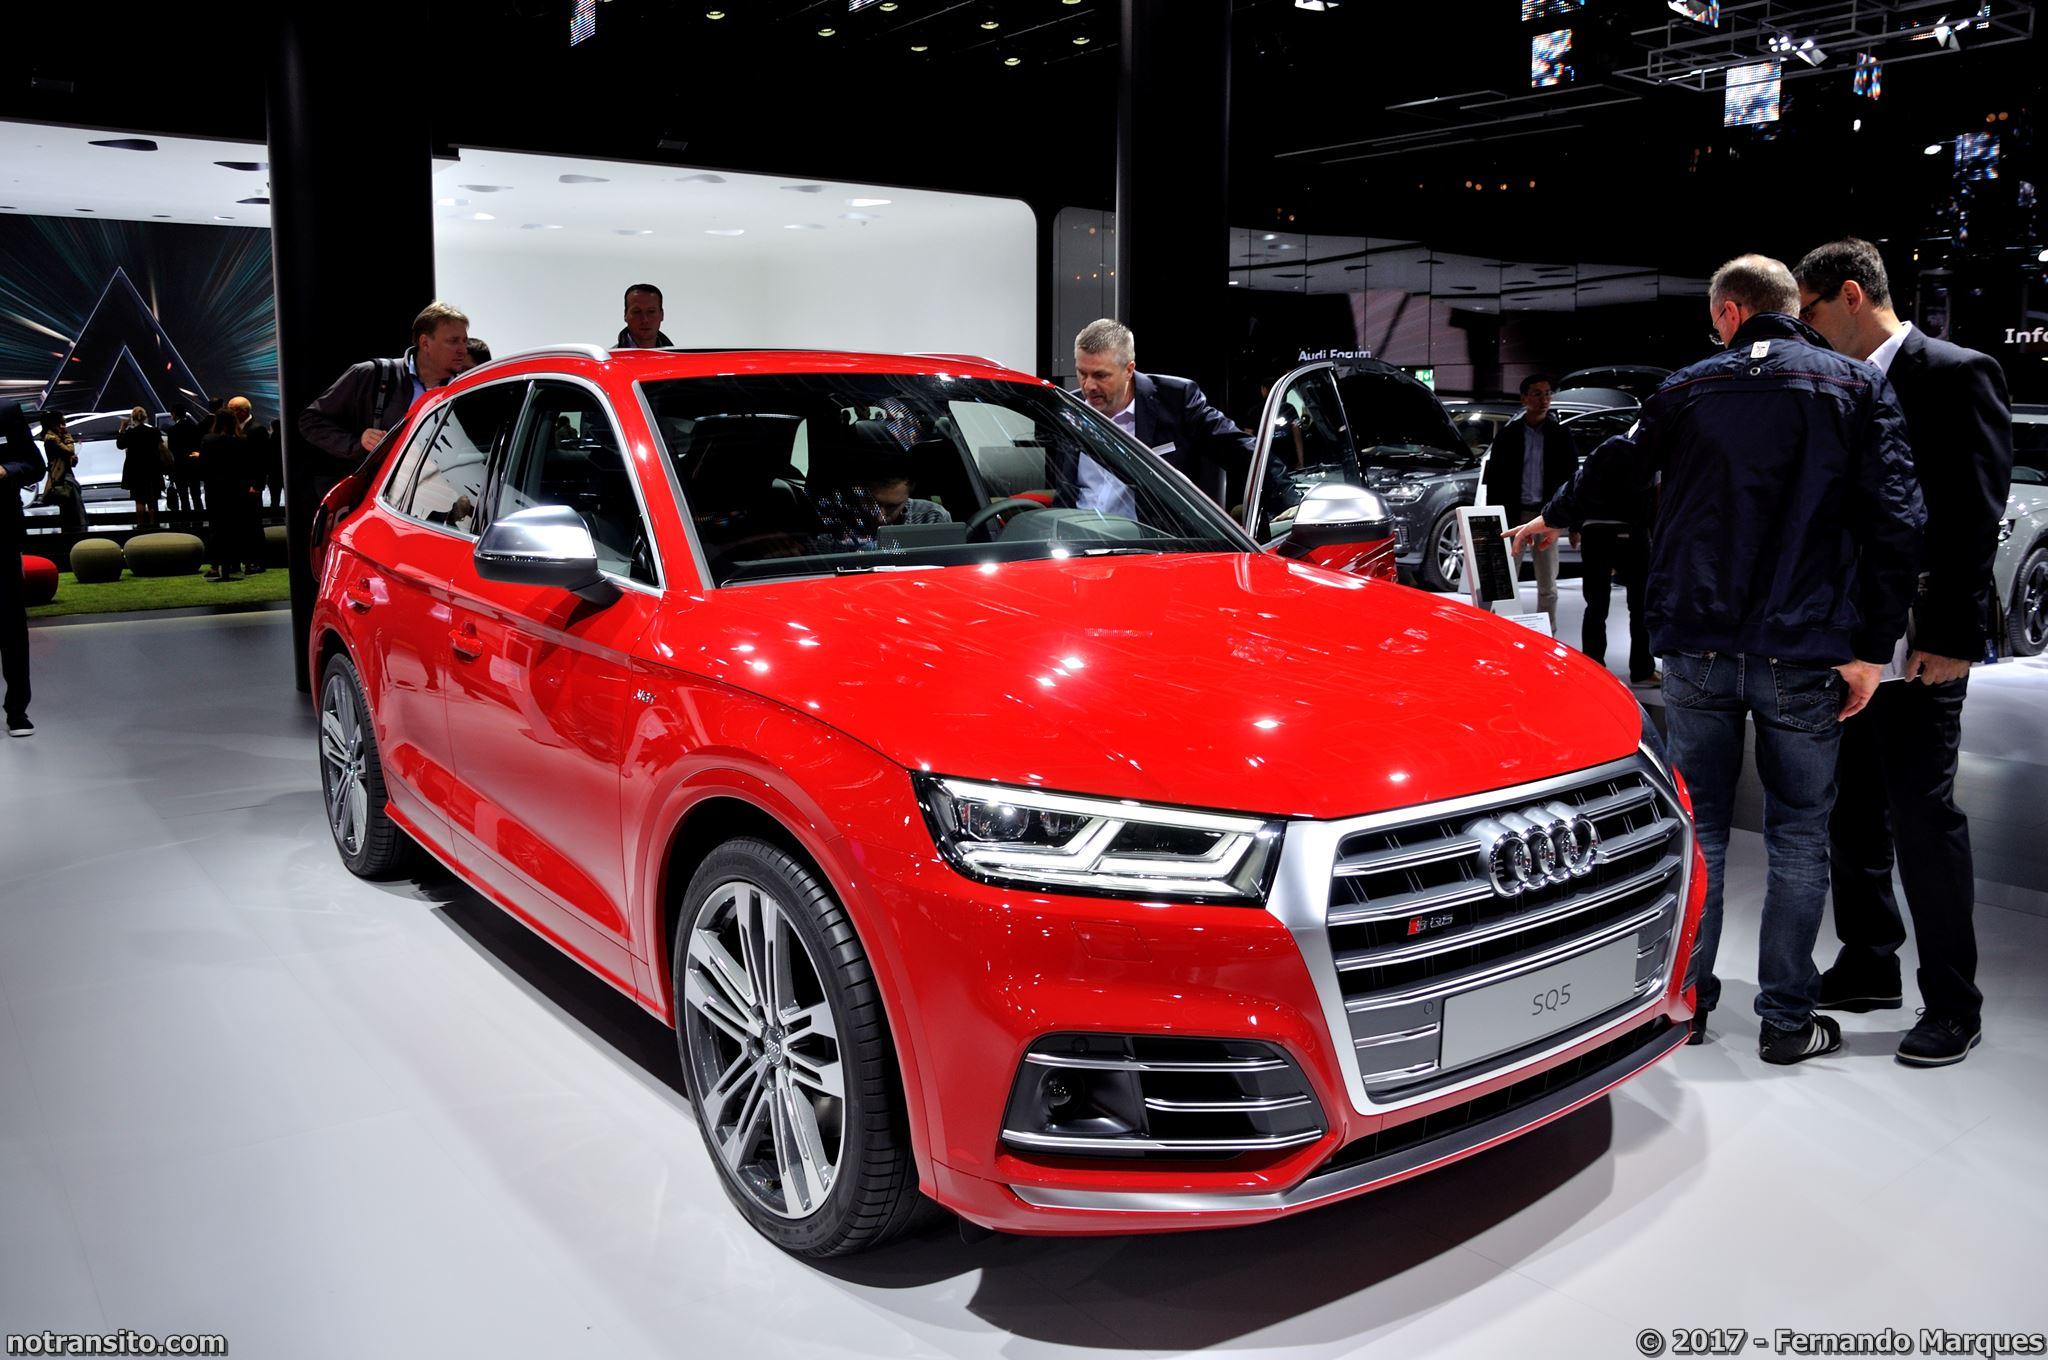 Audi-SQ5-Frankfurt-2017-002